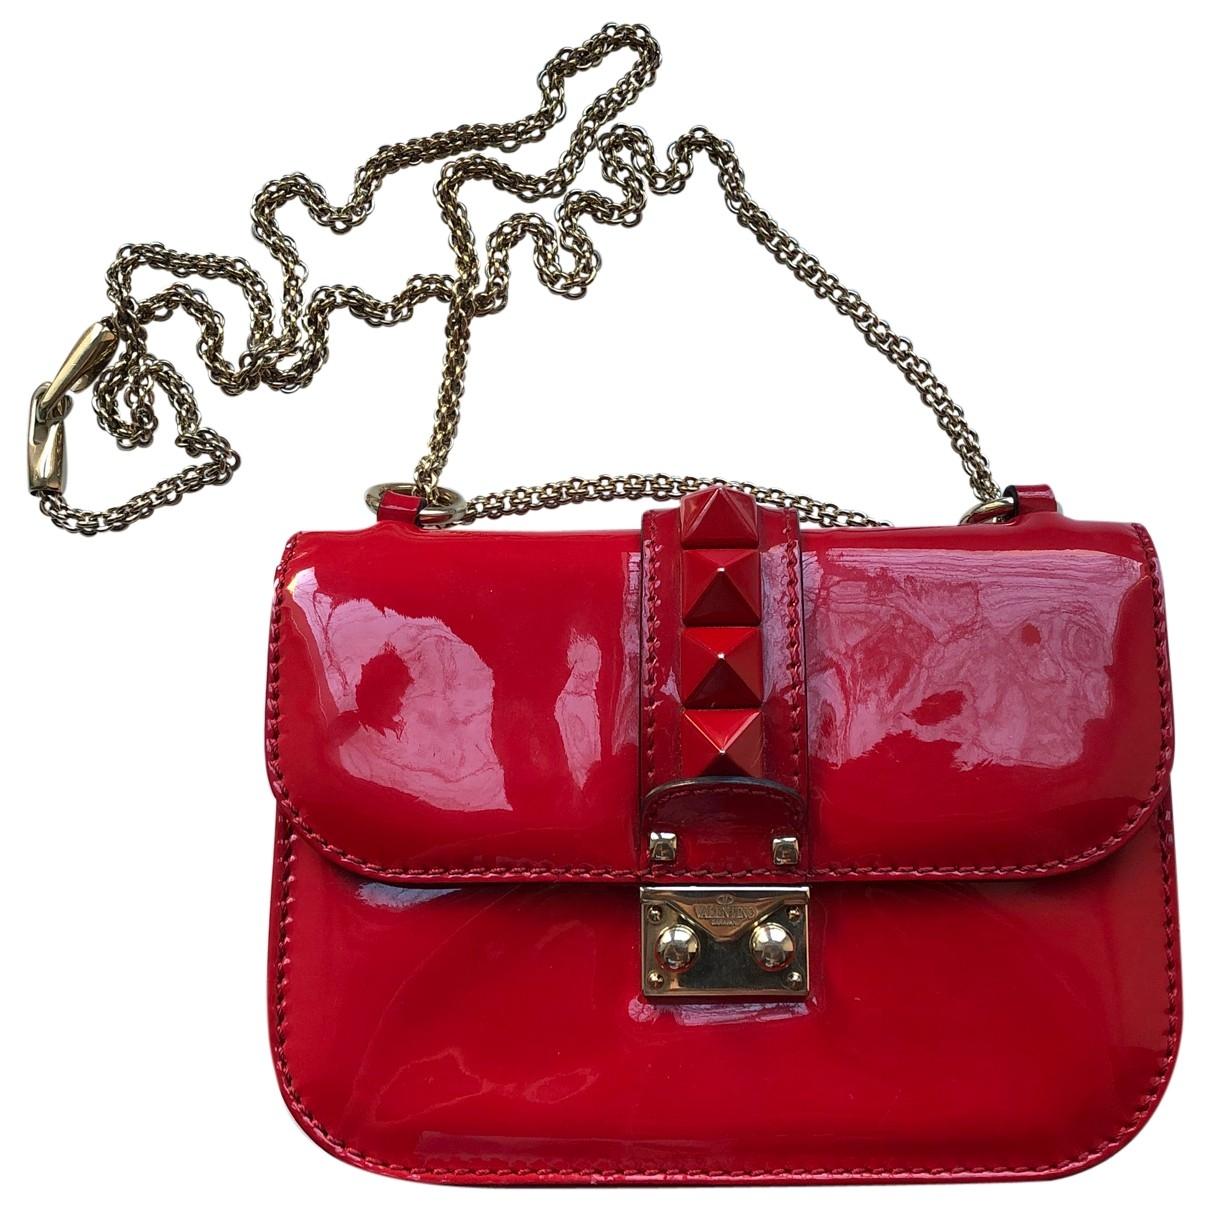 Valentino Garavani - Sac a main Glam Lock pour femme en cuir verni - rouge